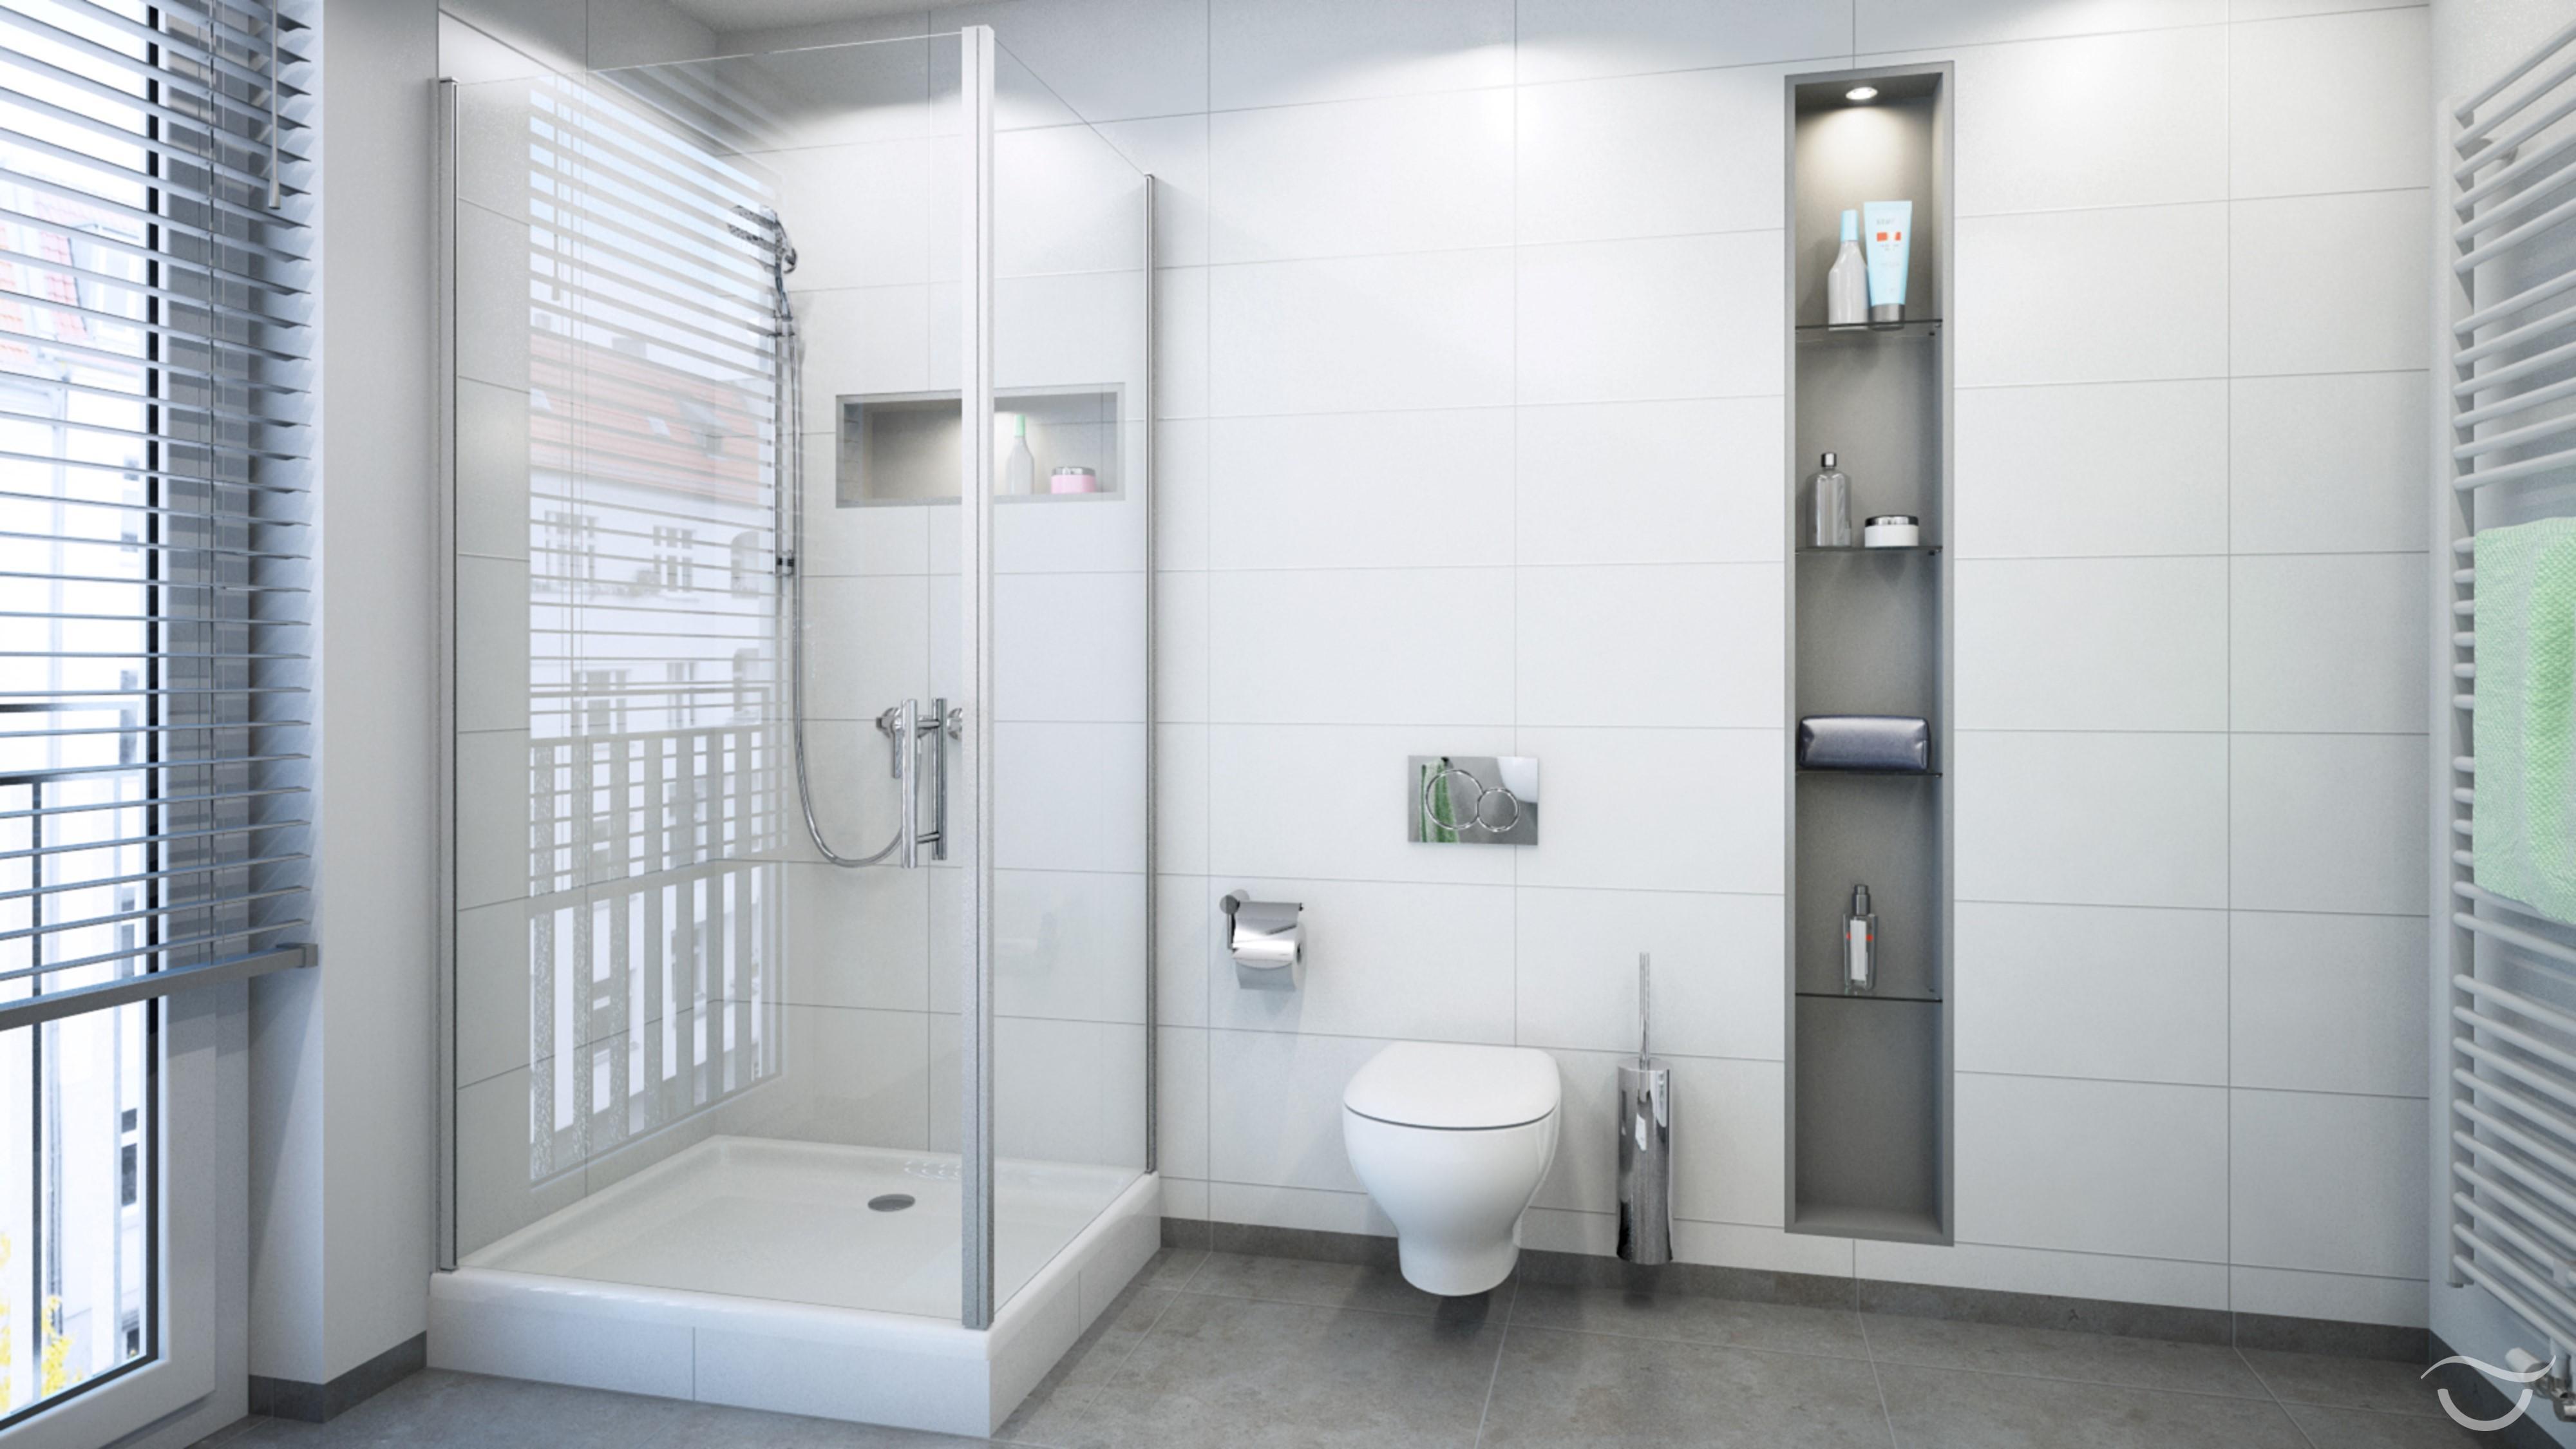 Badezimmer Dusche | Badezimmer Putztrick Bad Mühelos Sauber Machen ...